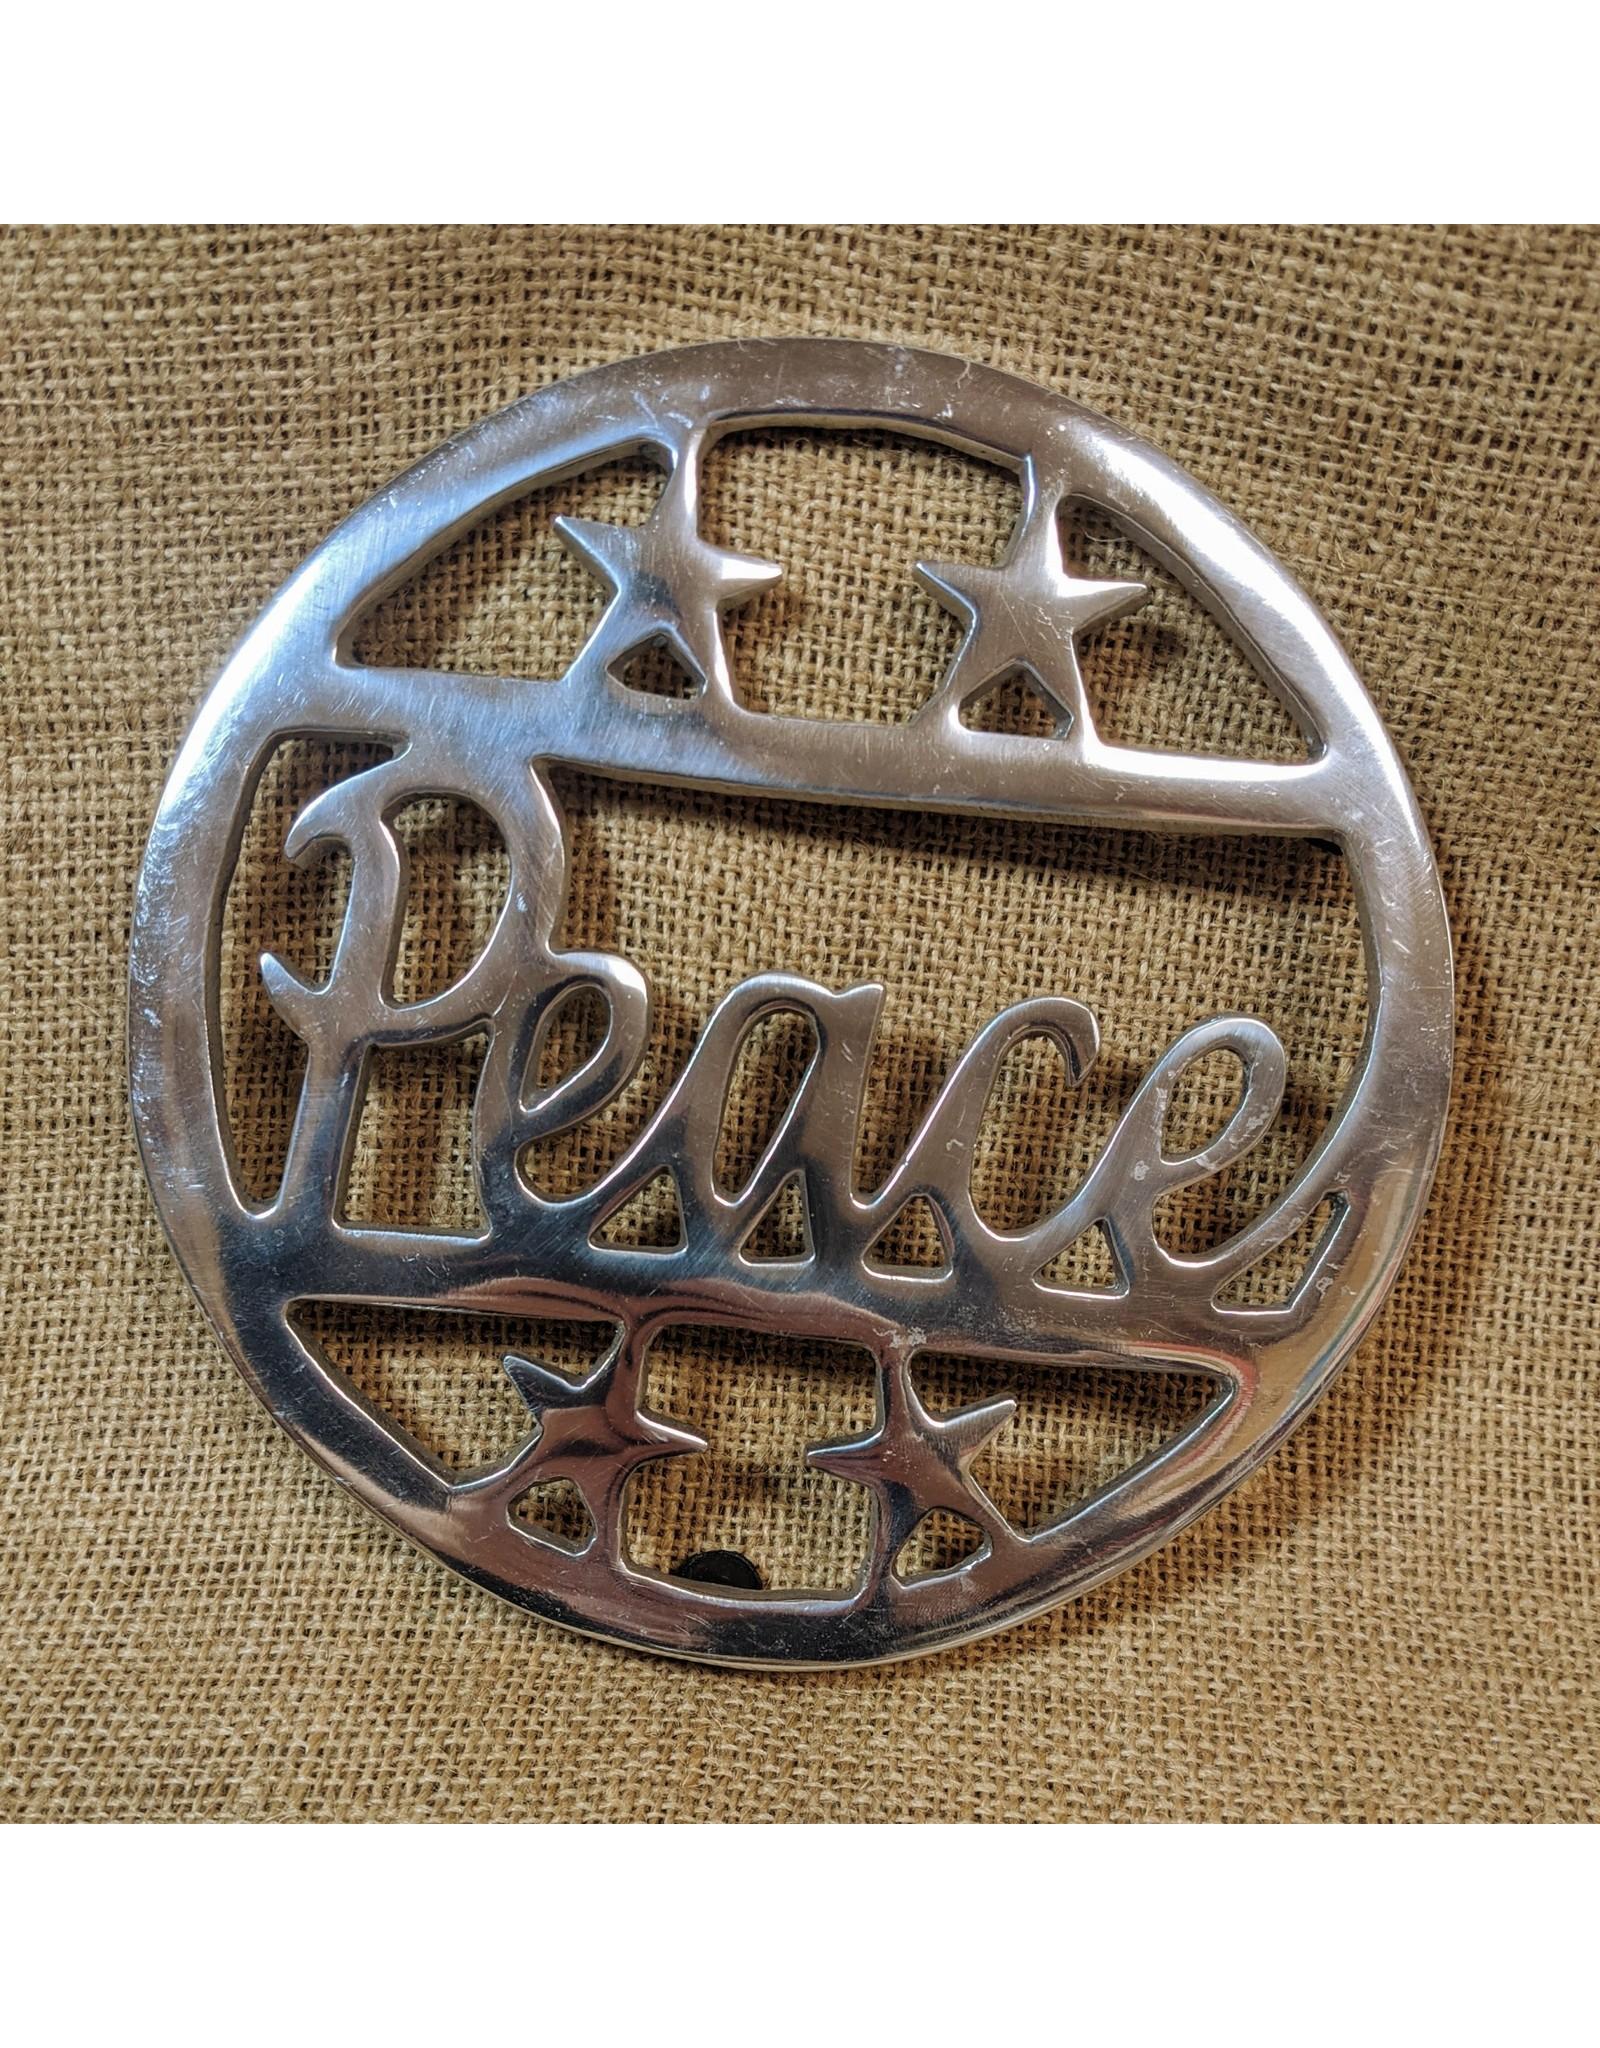 Ten Thousand Villages Silver PEACE Trivet